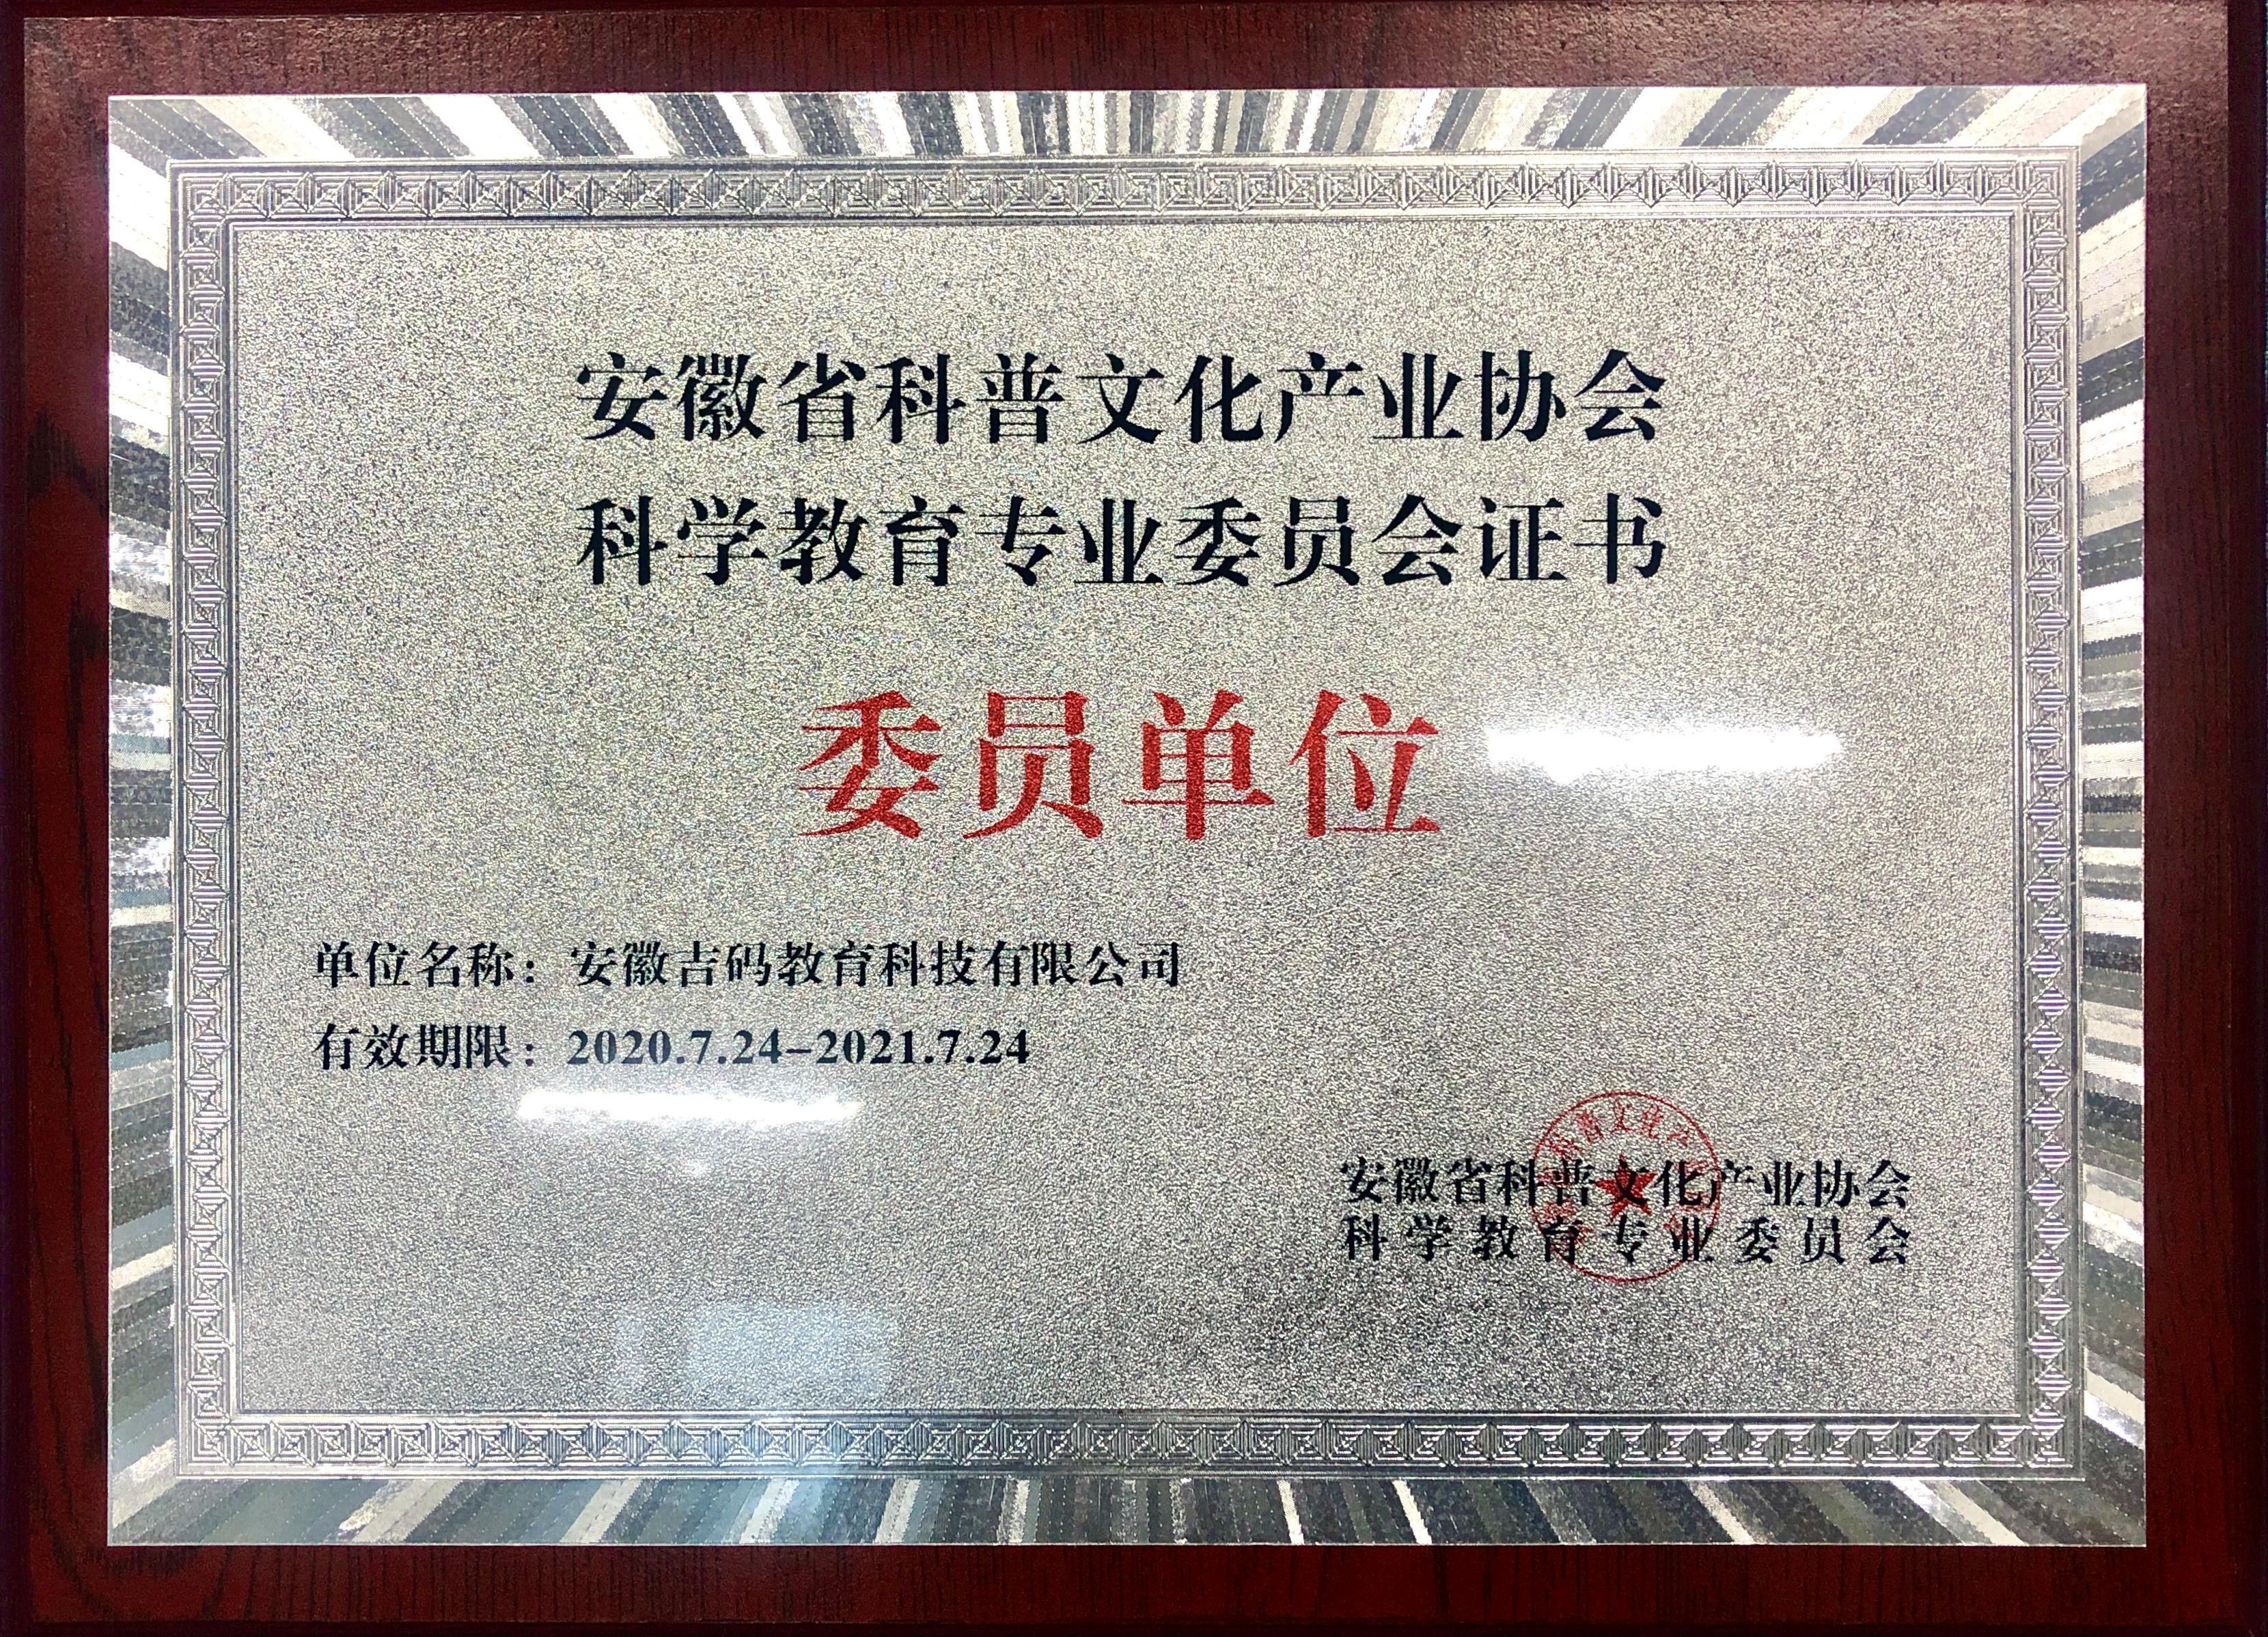 恭喜吉码教育入选安徽科学教育专委会委员单位!